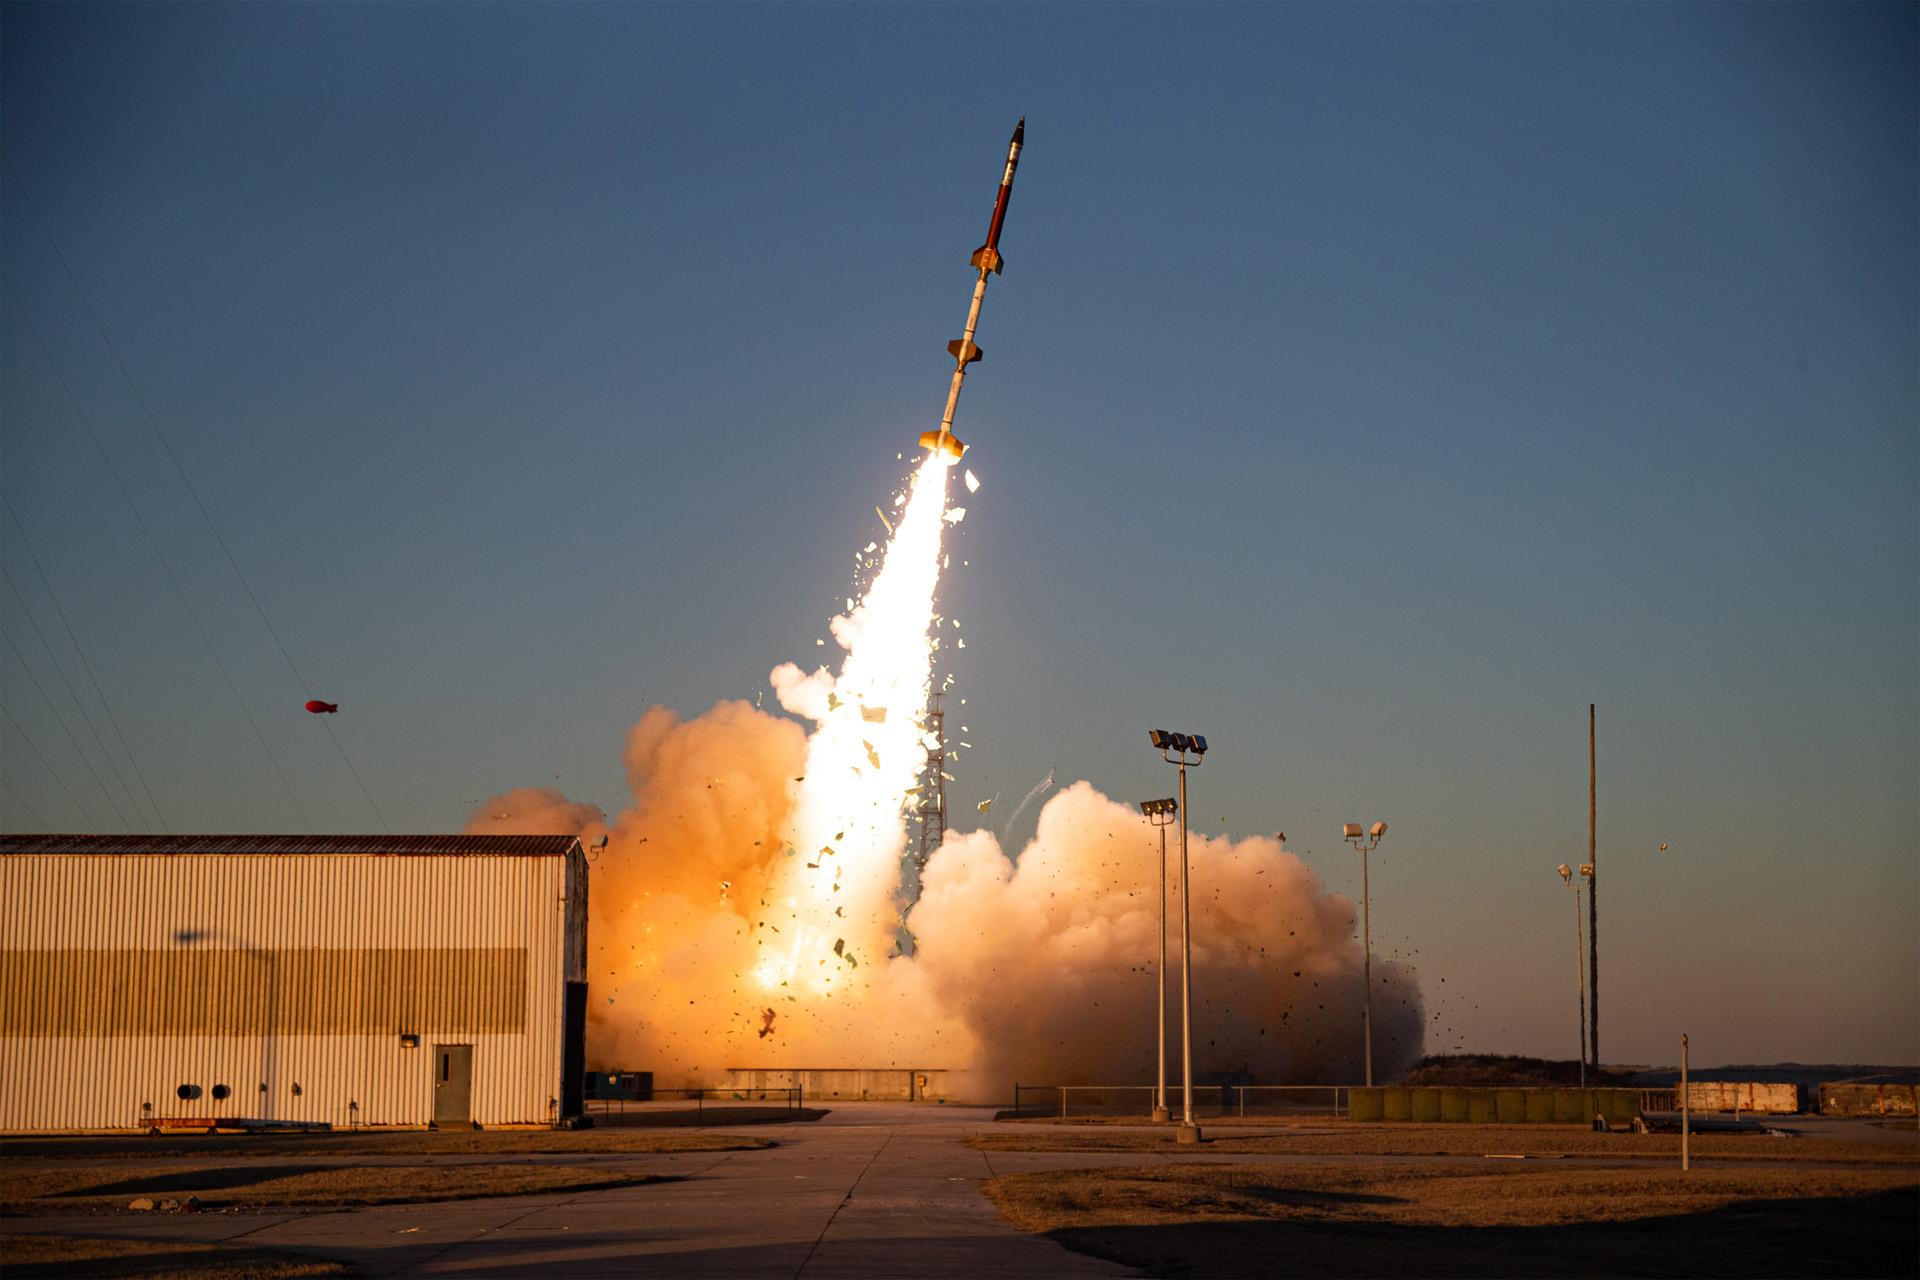 Une petite fusée-sonde lance une charge utile expérimentale pour le laboratoire de recherche de l'US Space Force et de l'Air Force depuis l'installation de vol Wallops de la NASA sur Wallops Island, en Virginie, le 3 mars 2021.